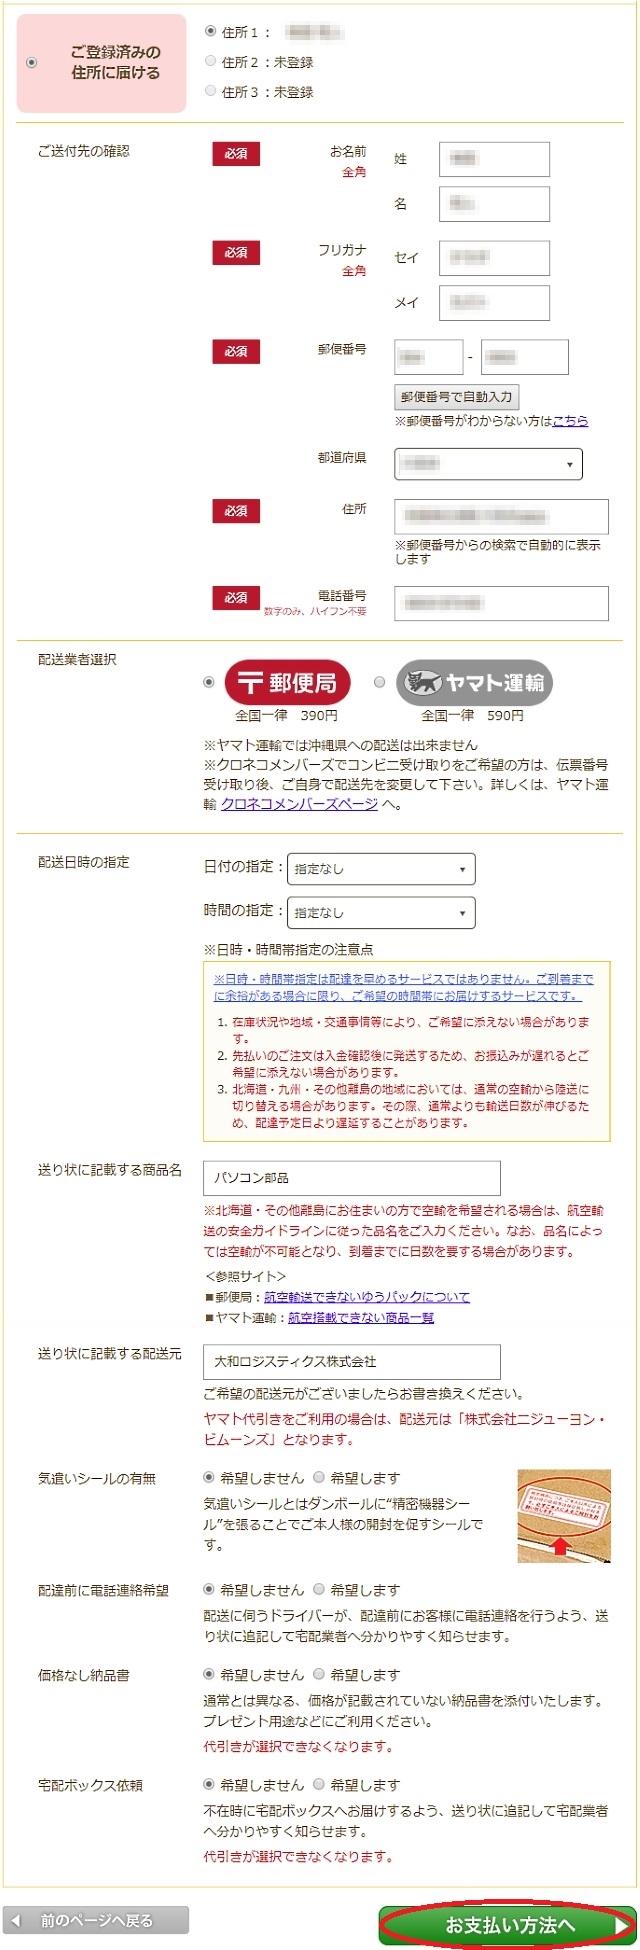 配送方法の選択と配送先住所の入力画面